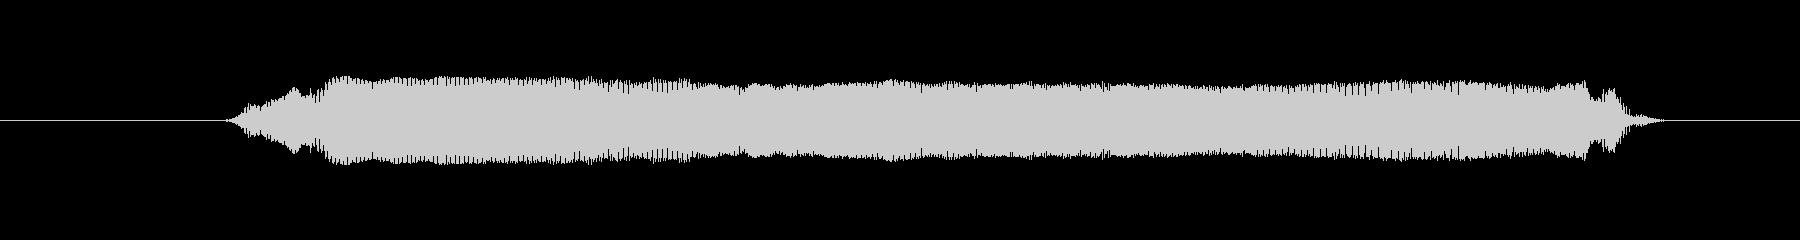 鳥 の 獲物 イーグルコール03の未再生の波形